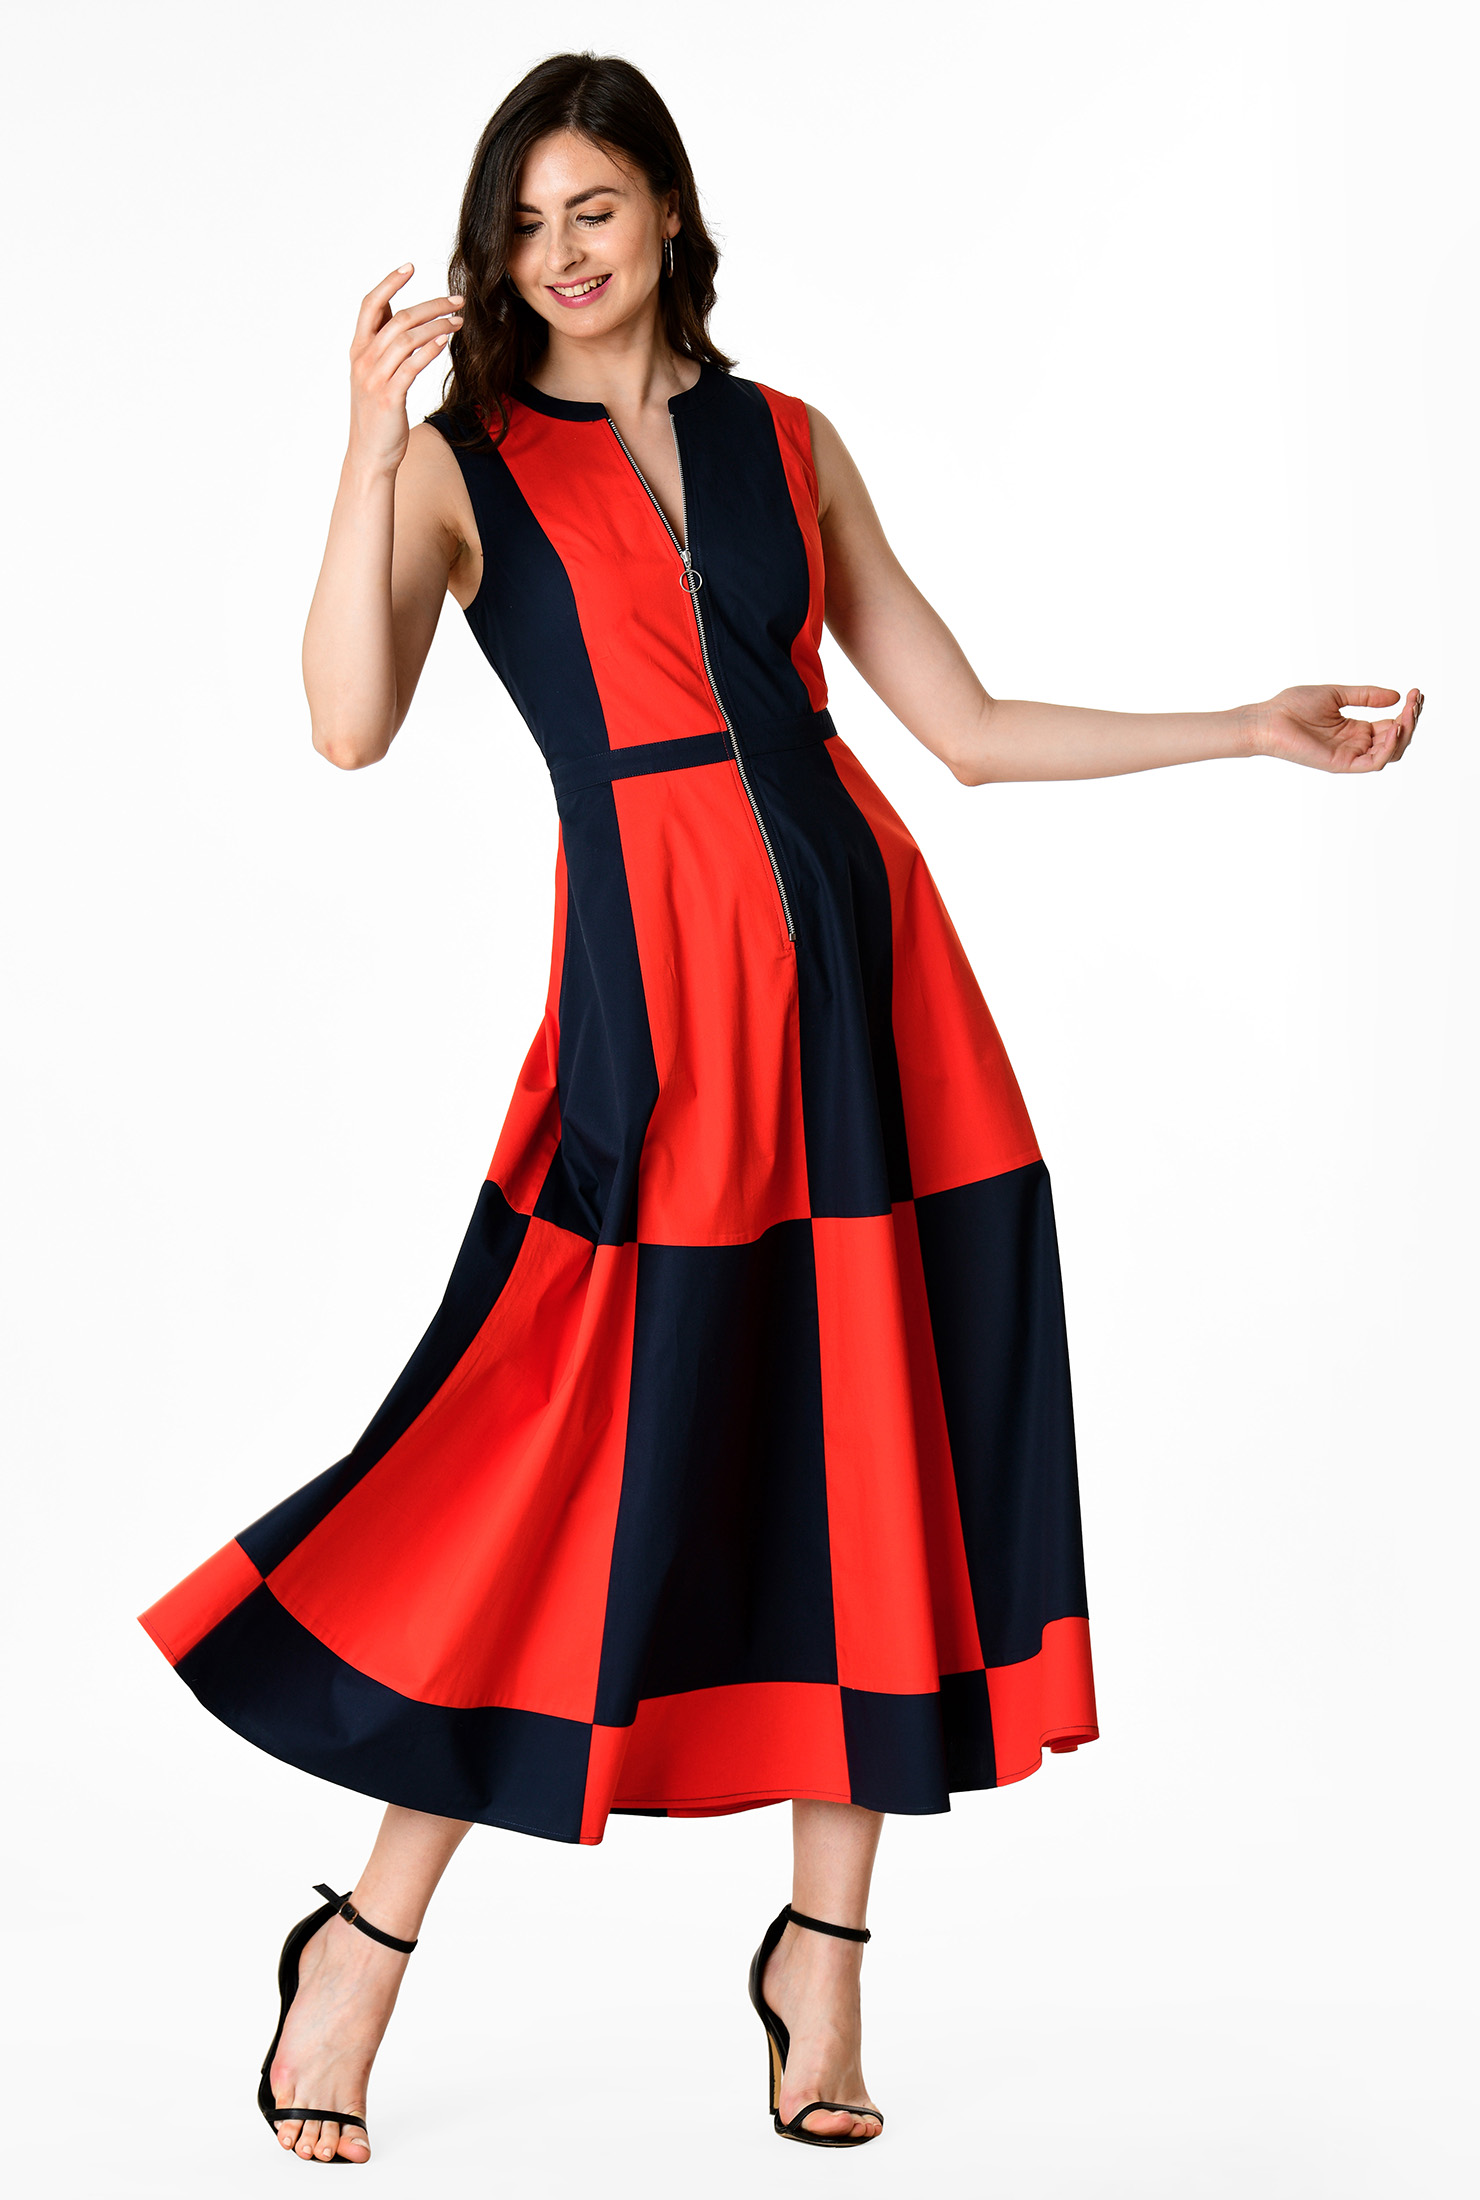 1960s Dresses | 60s Dresses Mod, Mini, Jackie O, Hippie Zip front colorblock cotton poplin dress $64.95 AT vintagedancer.com